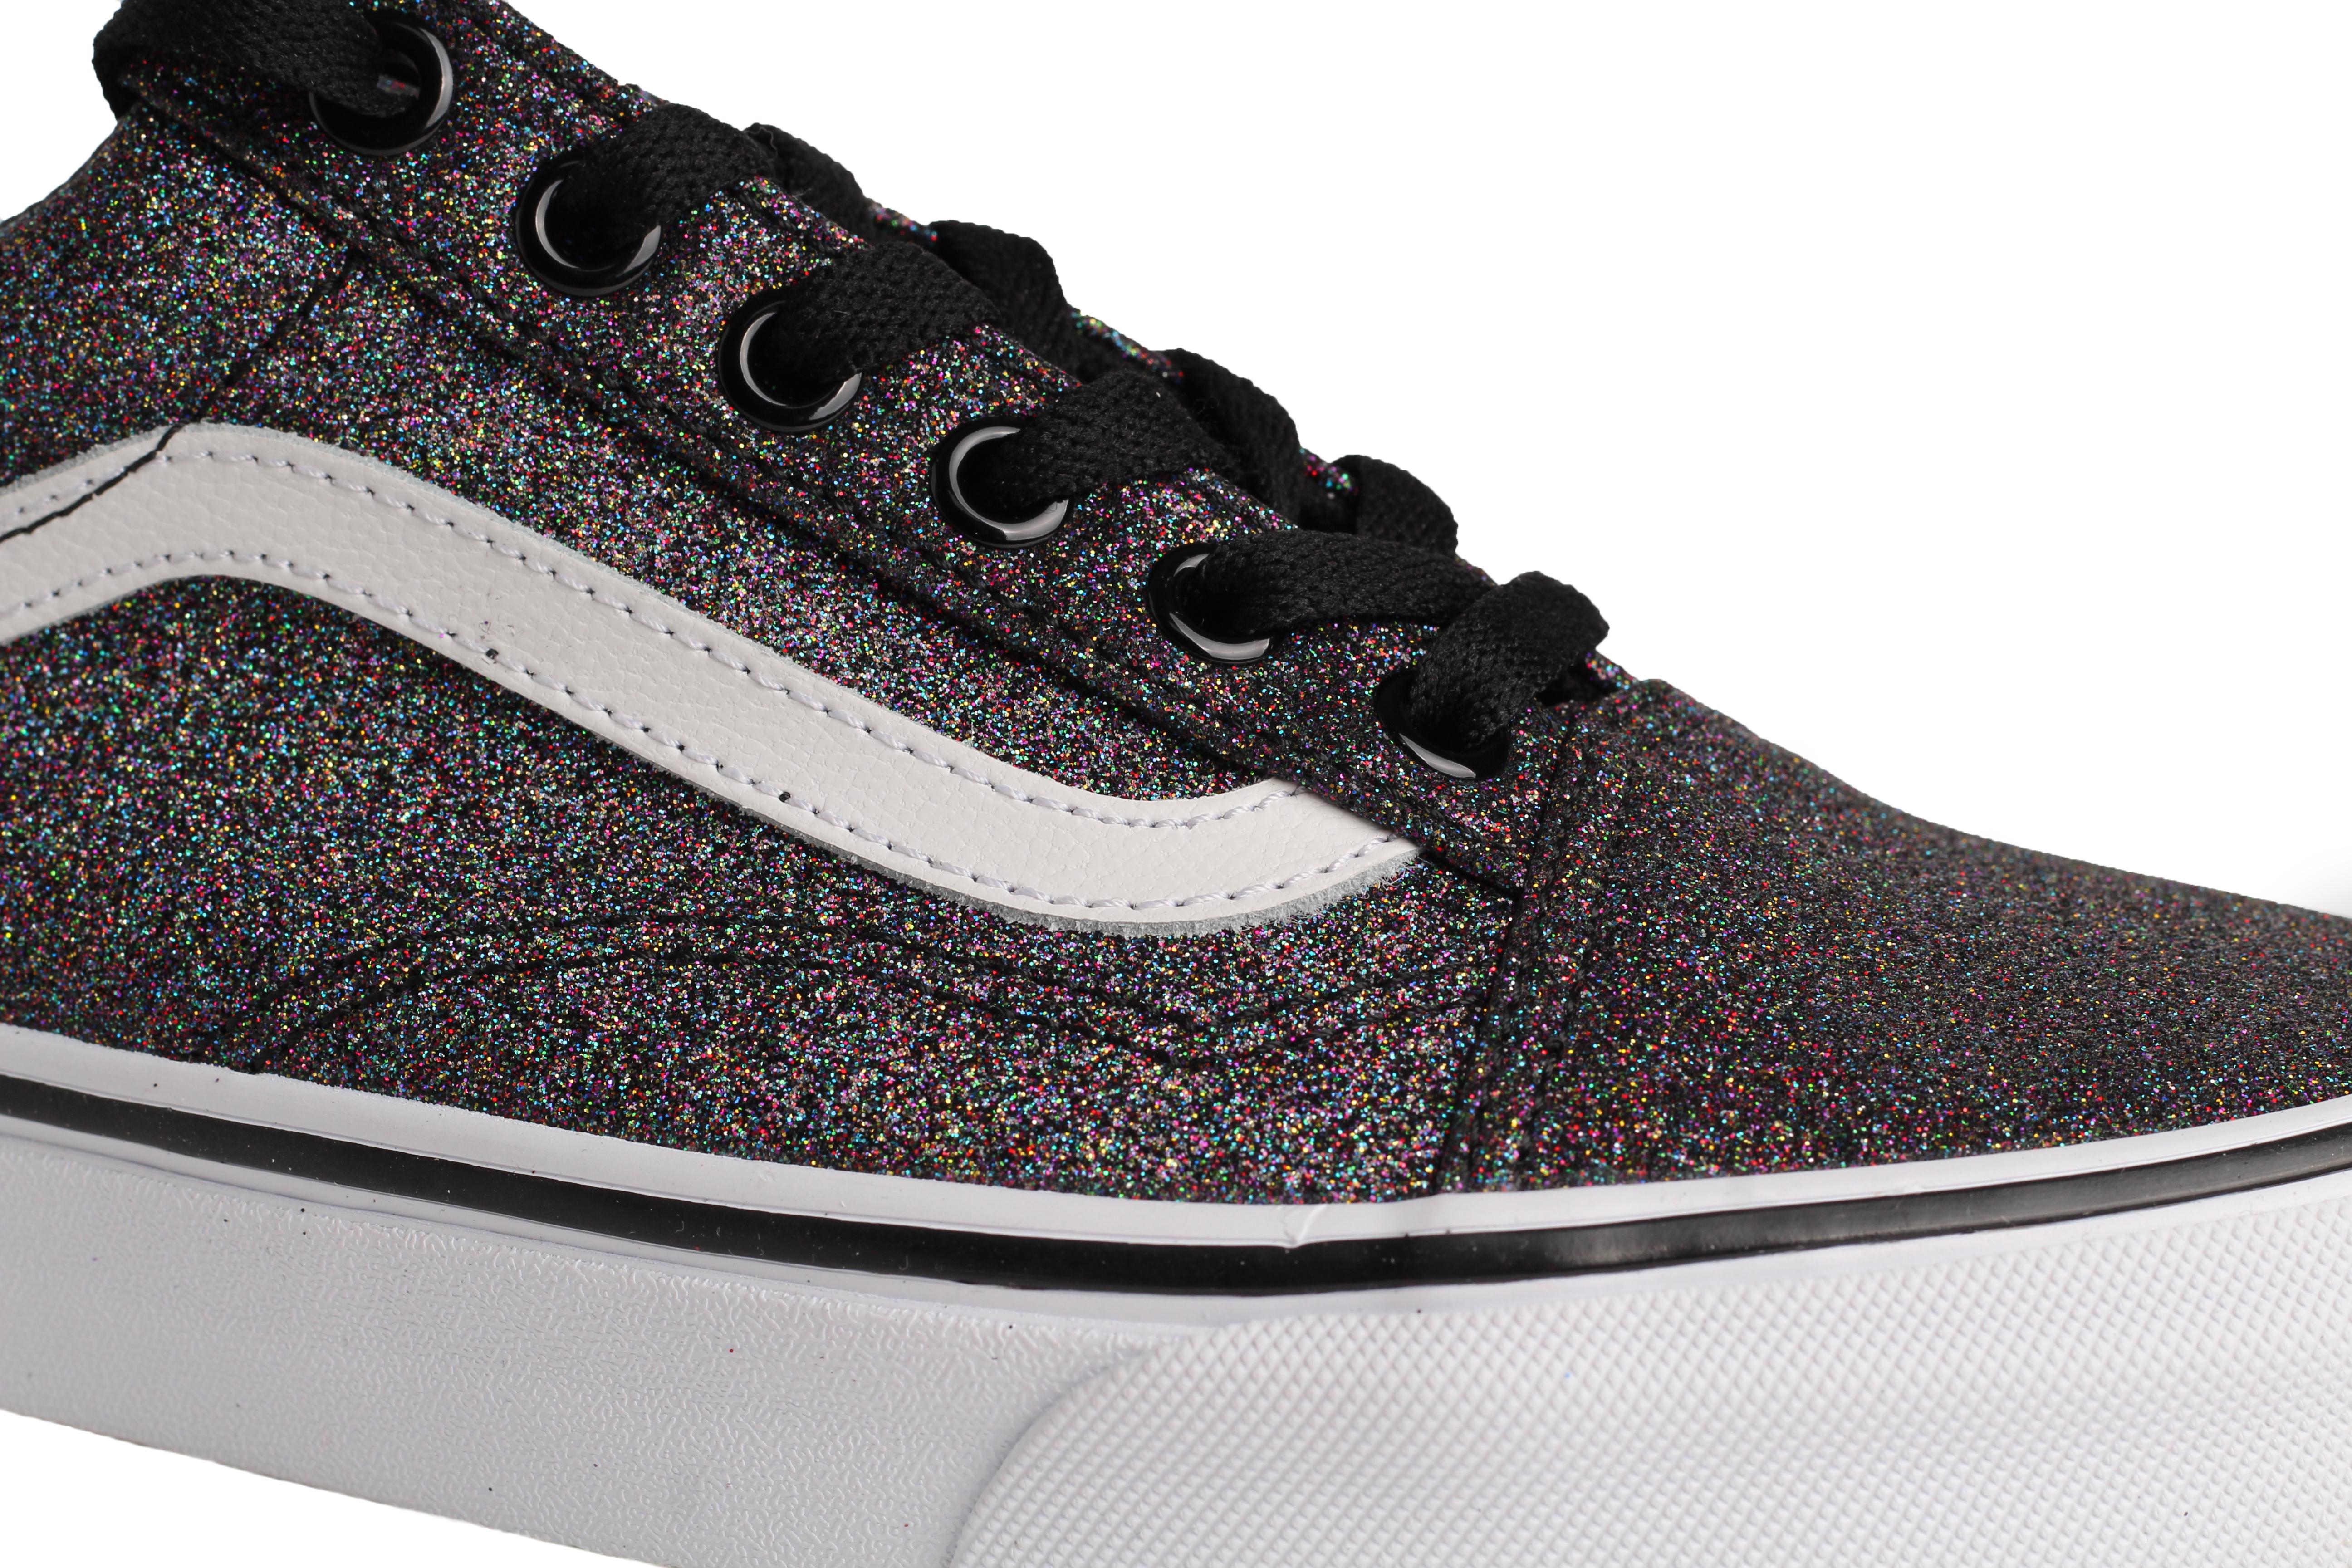 vans rainbow glitter